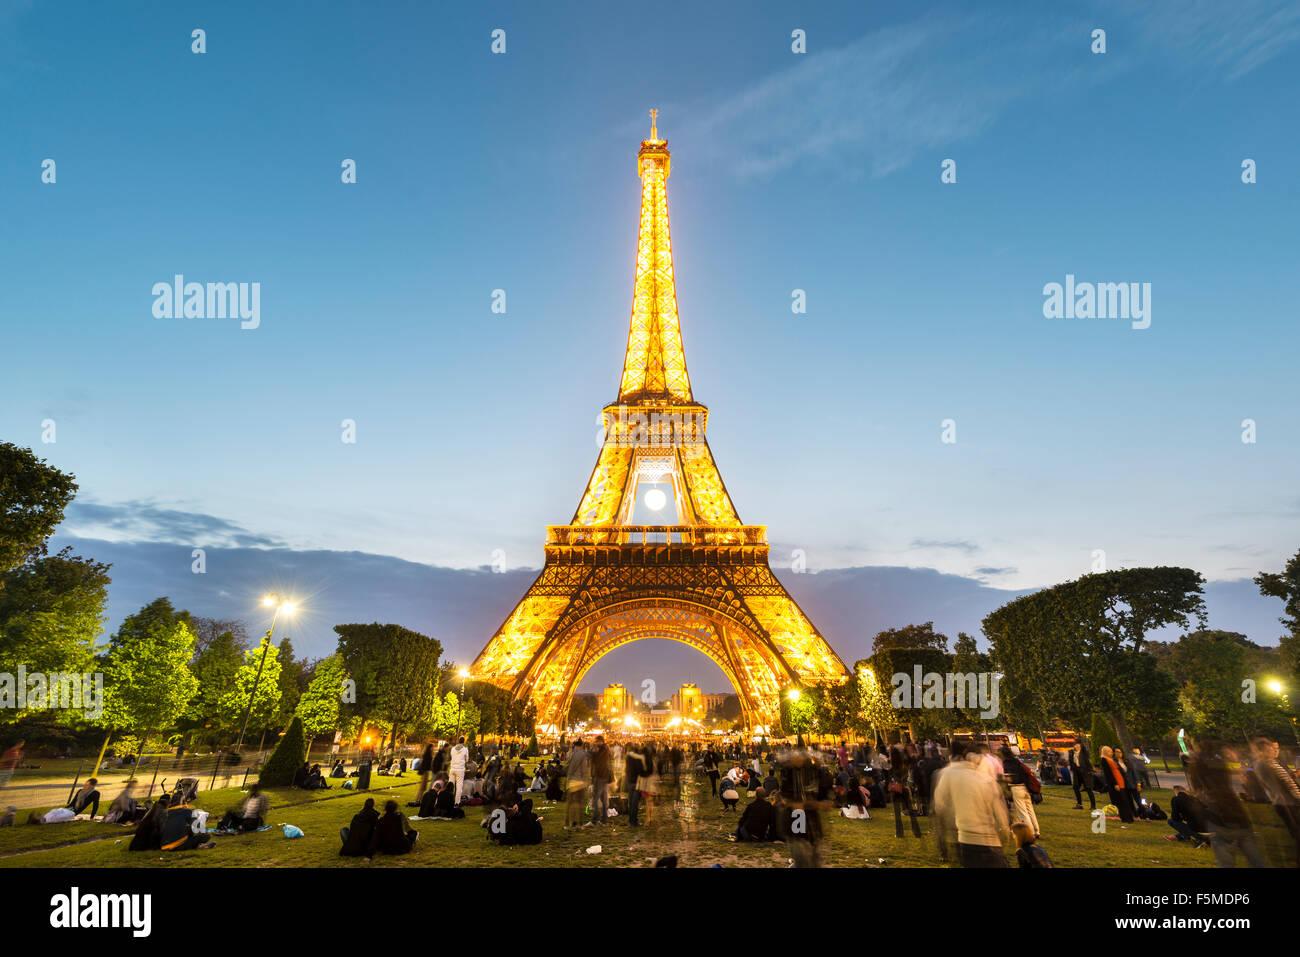 Tour Eiffel illuminée au crépuscule, tour Eiffel, Champ de Mars, Paris, Ile-de-France, France Photo Stock